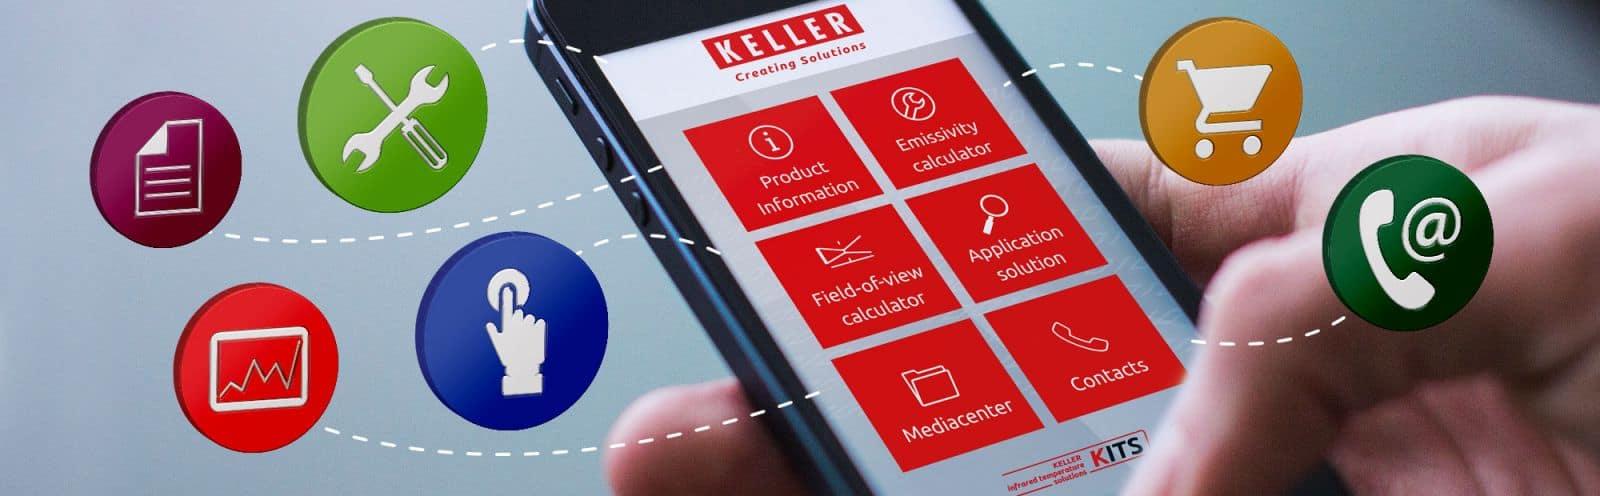 Keller app KITS banner